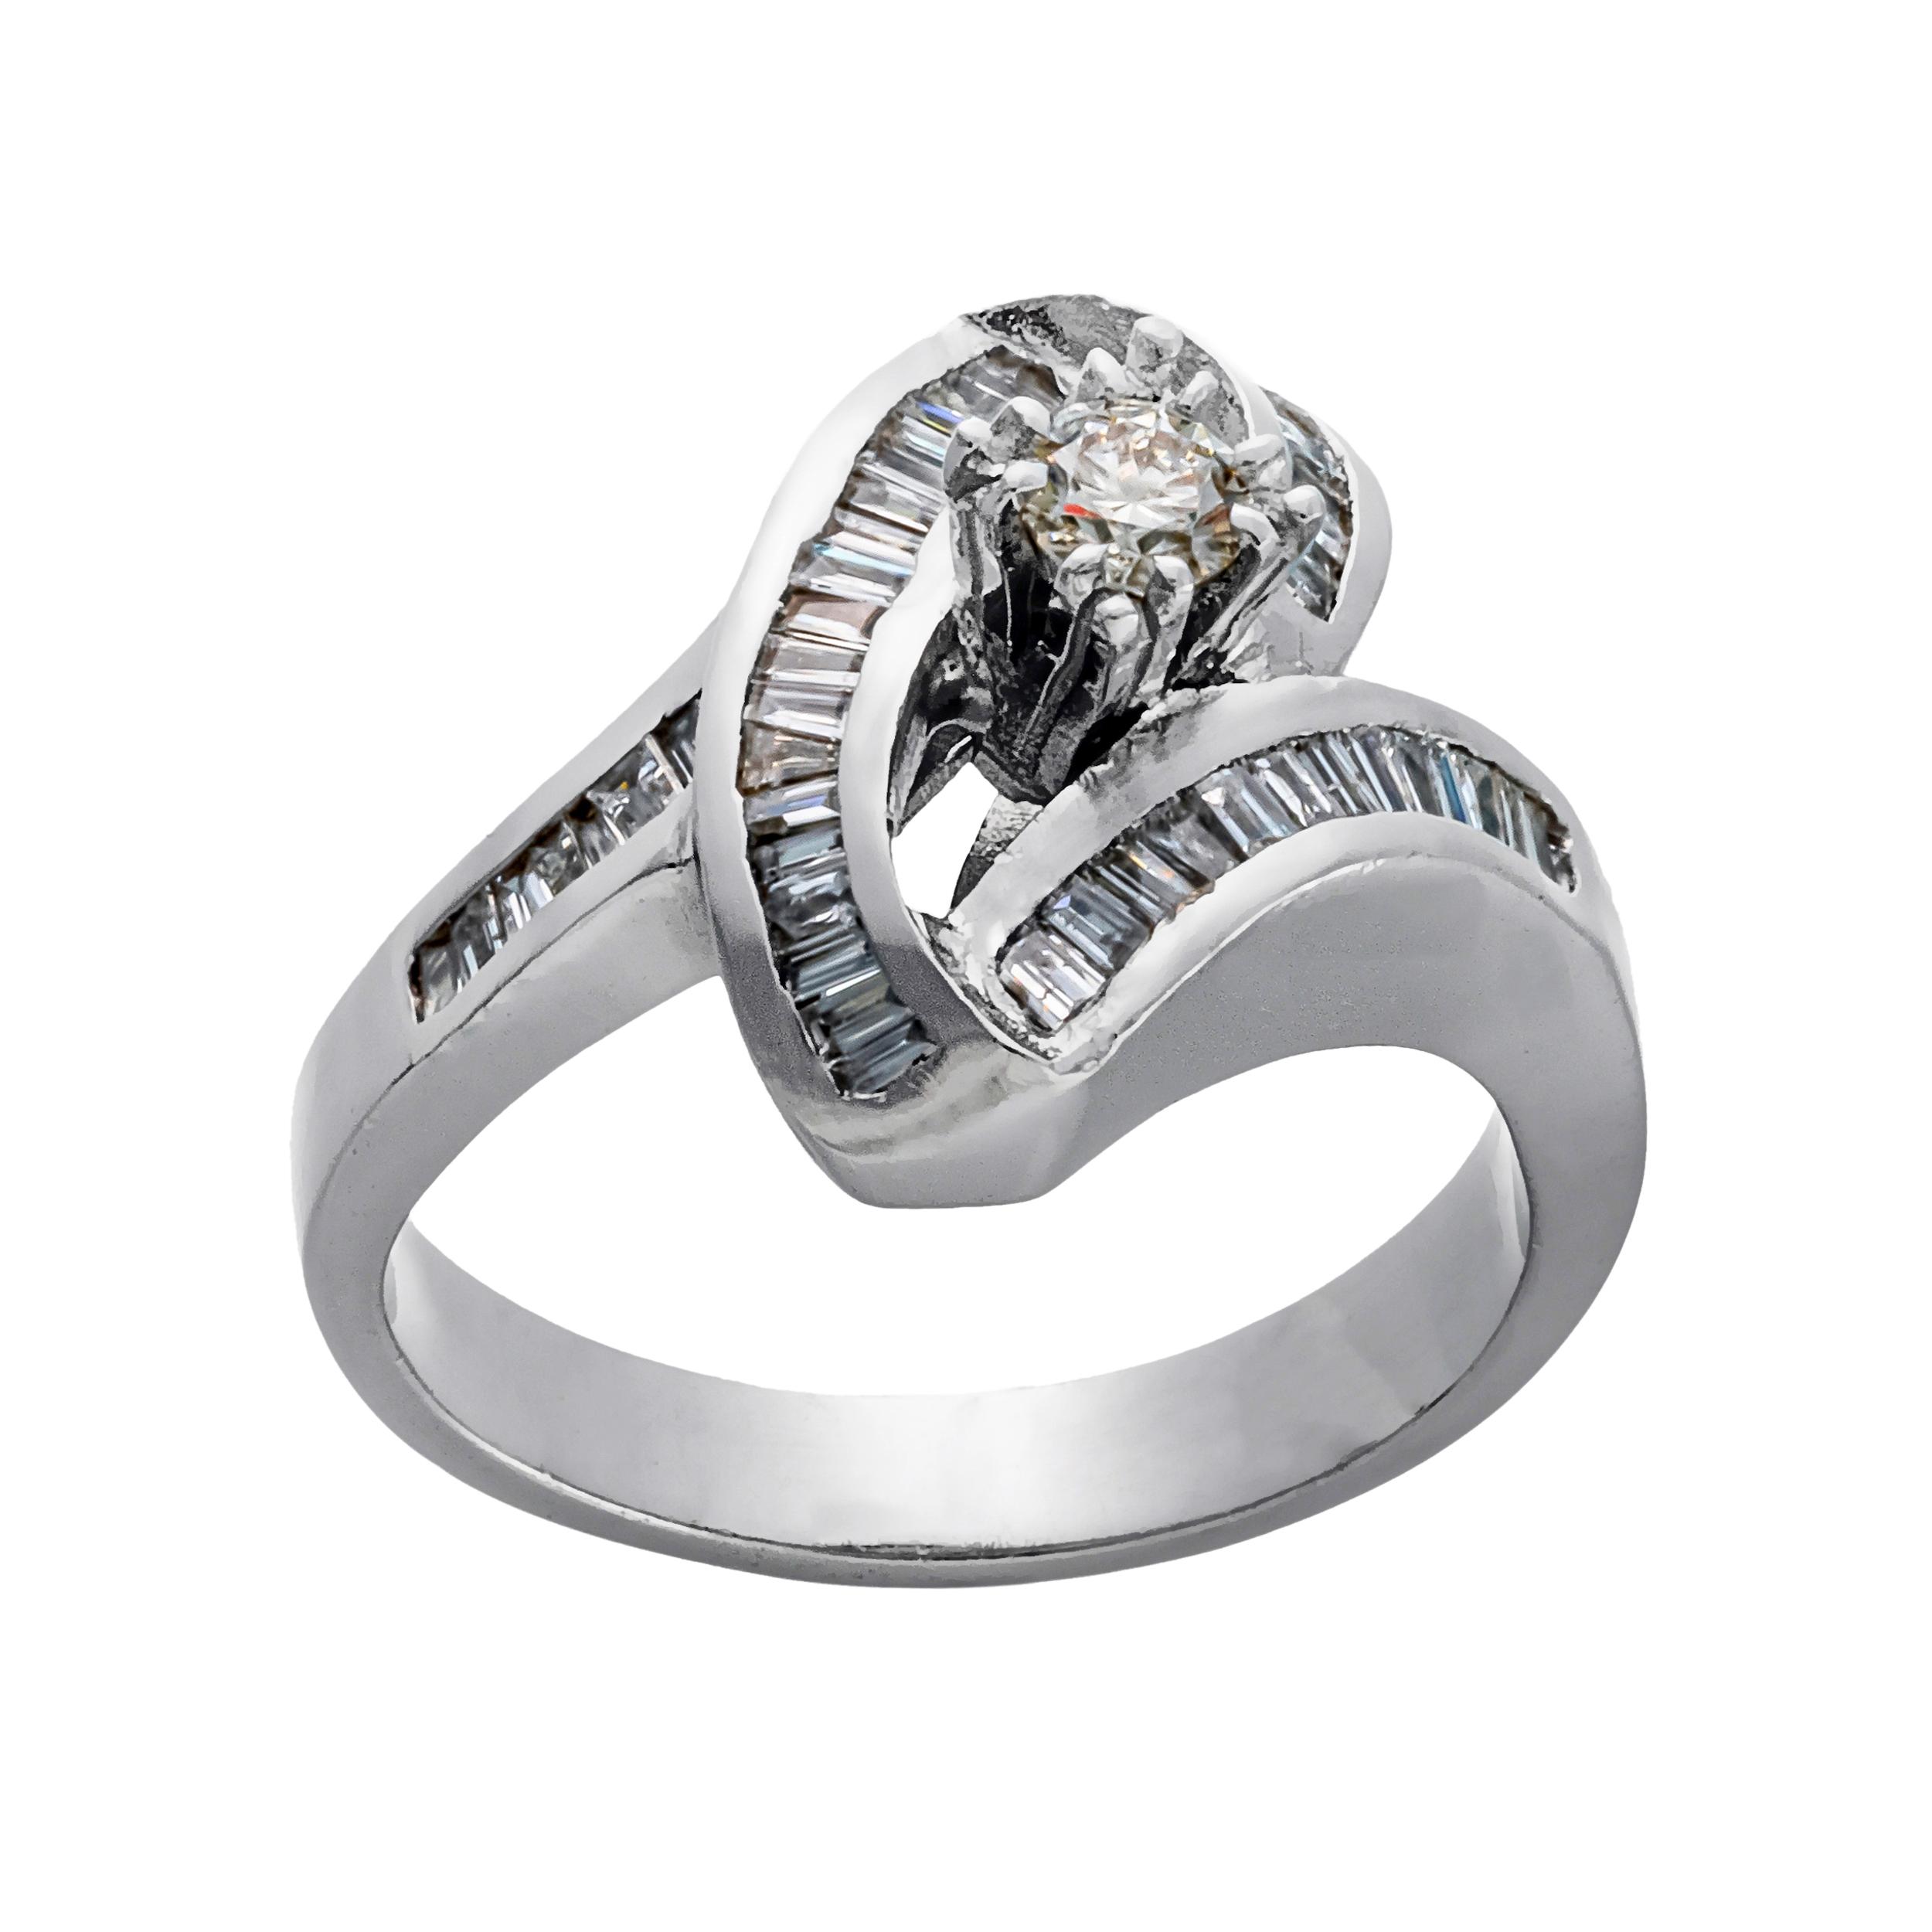 راهنمای خرید انگشتر طلا 18 عیار زنانه جواهری سون مدل 2430 لیست قیمت